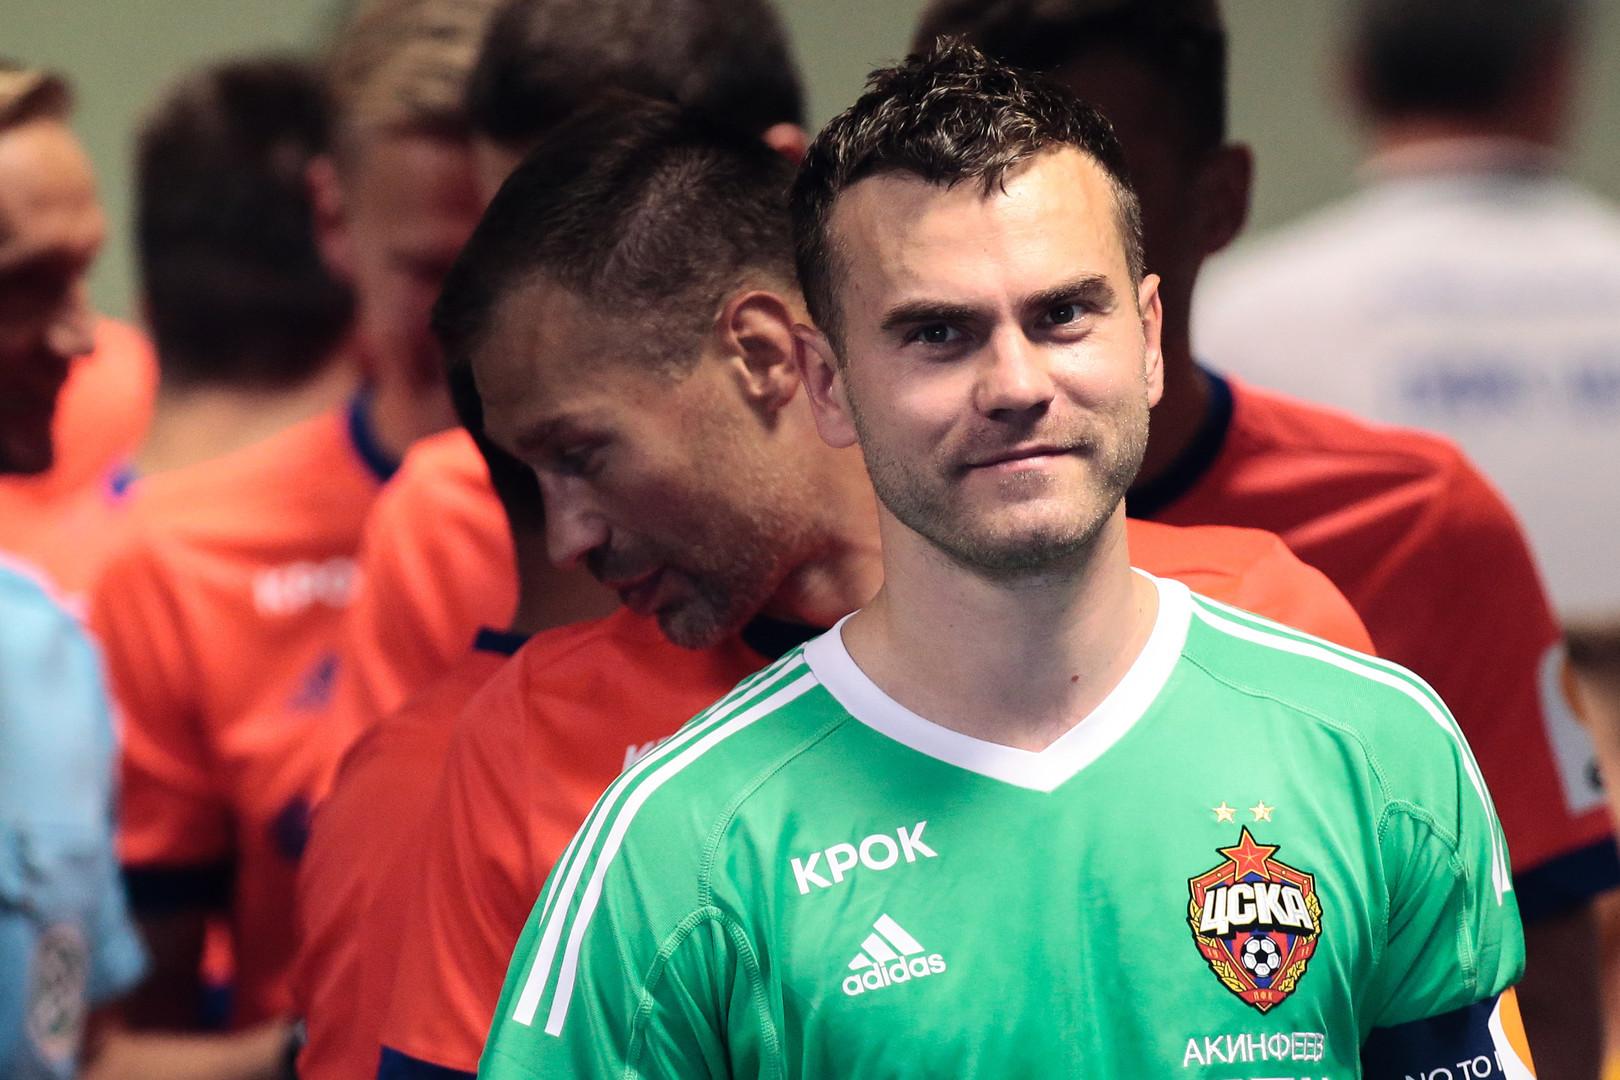 Назло рекордам: ЦСКА обыграл греческий АЕК в матче Лиги чемпионов, а Акинфеев прервал неудачную серию